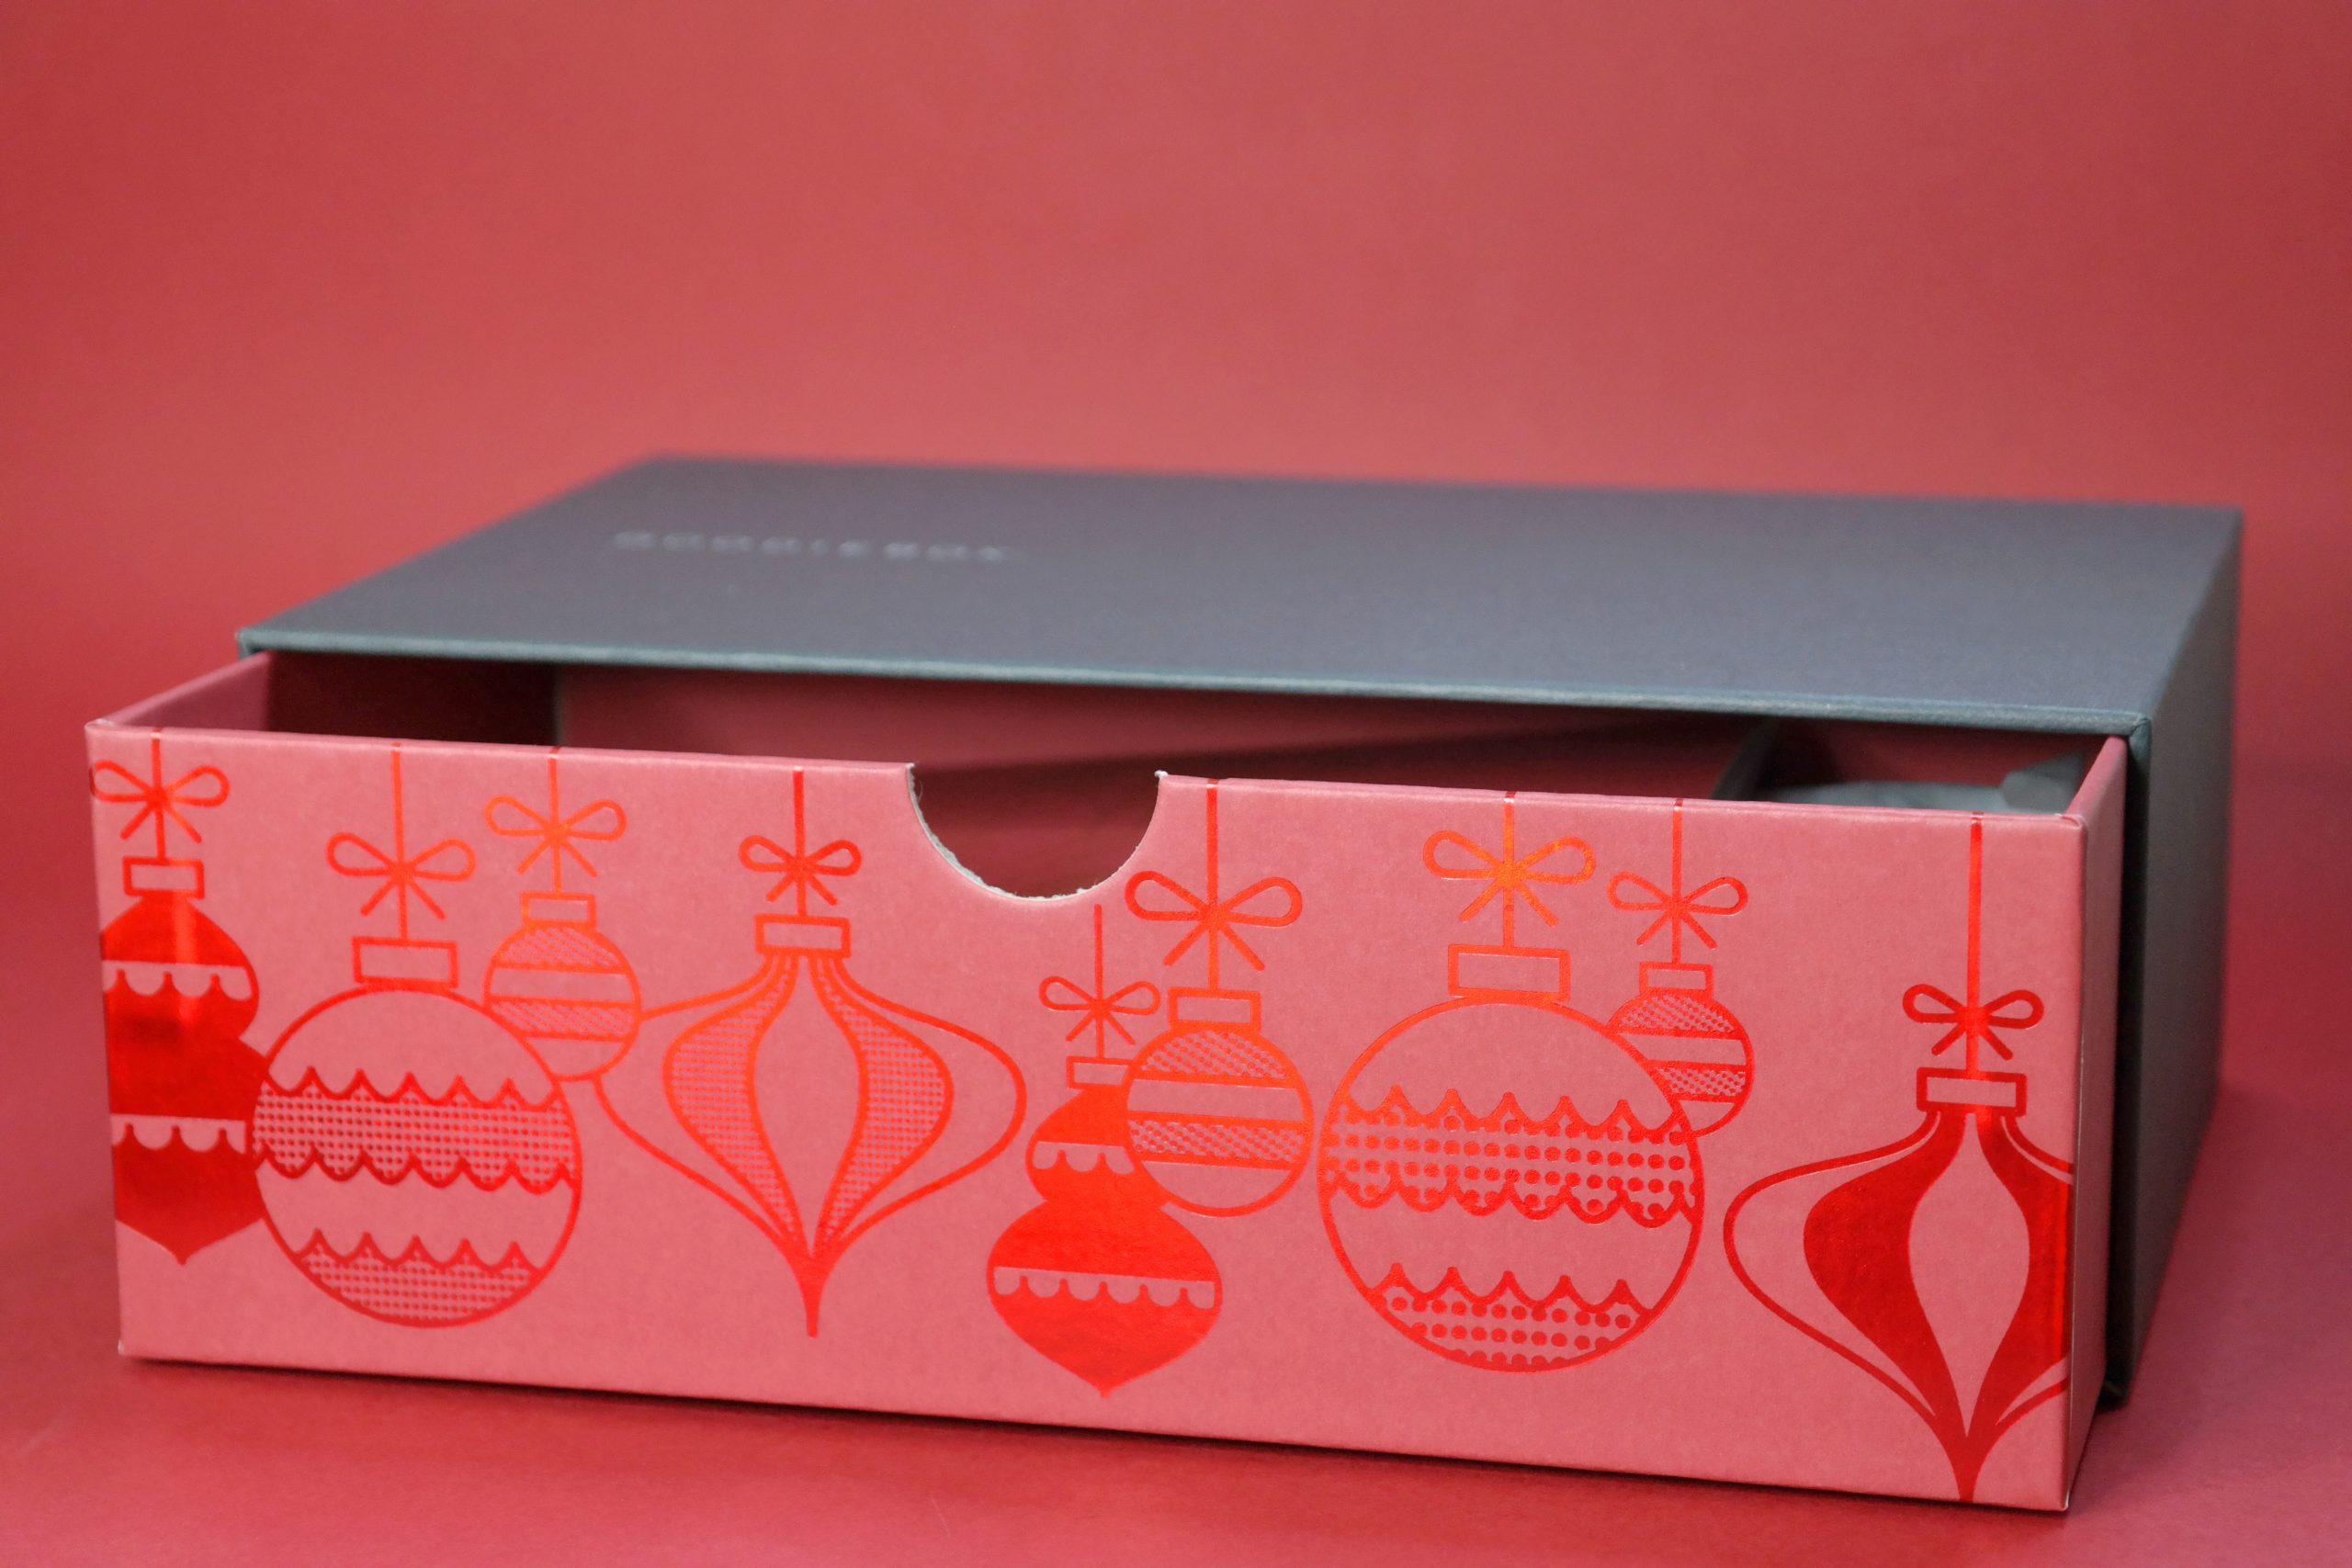 Goodiebox joulukuu 2020 kauneusboksi